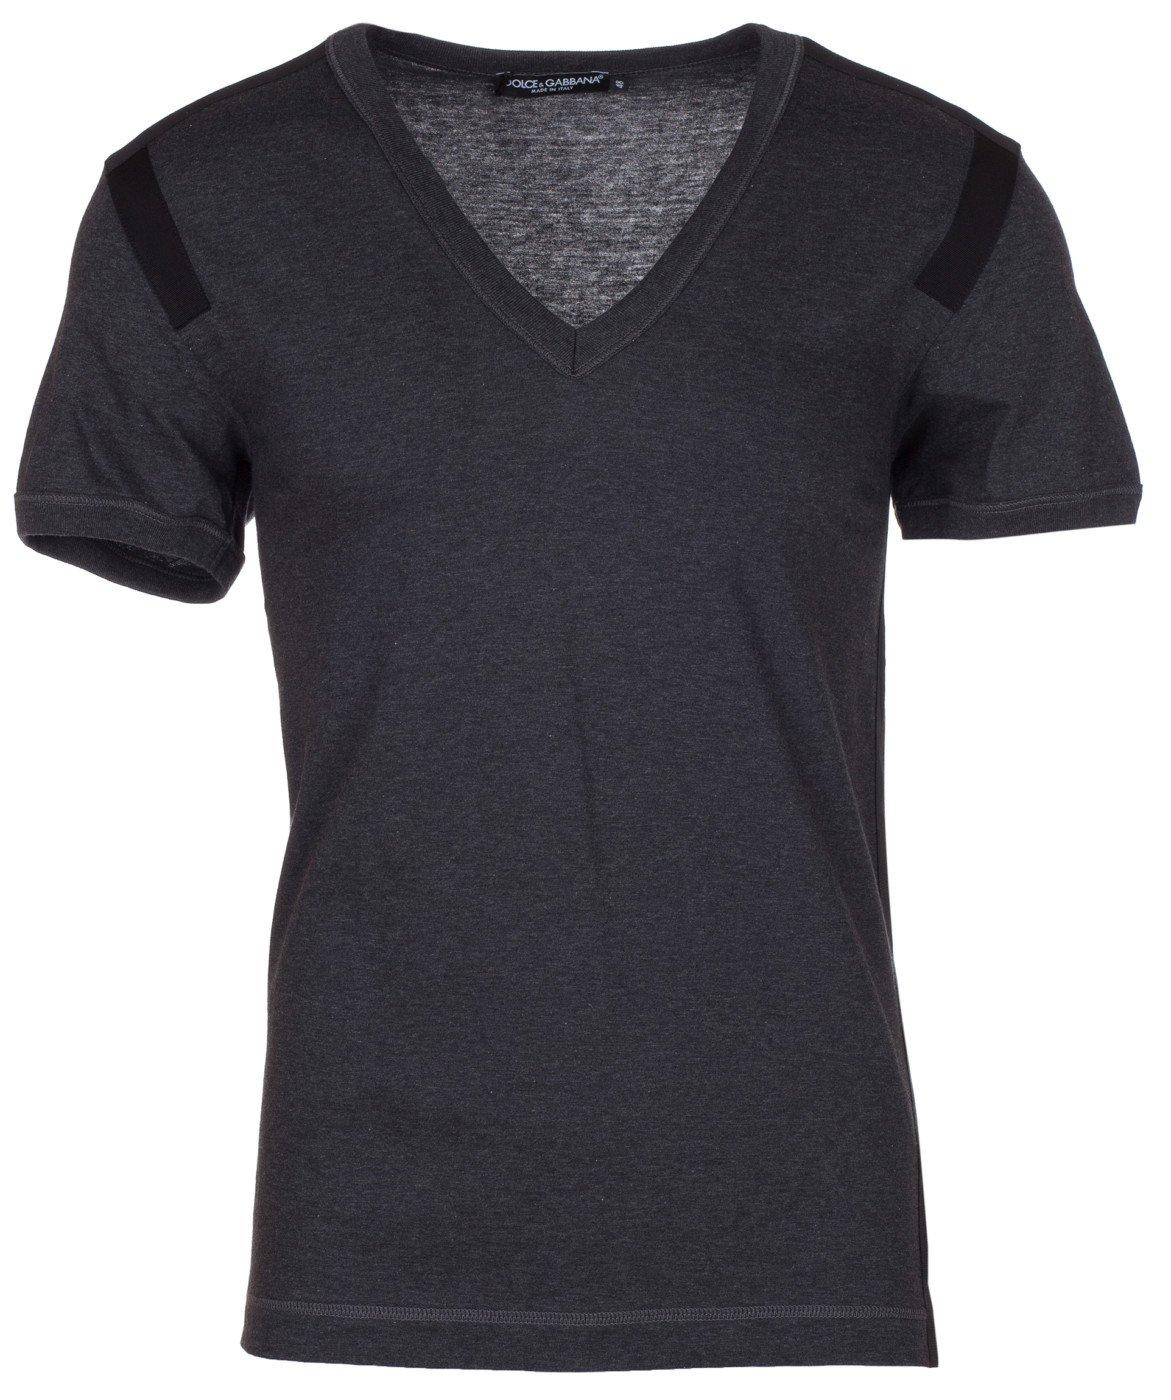 D&G Dolce & GabbanaMen's Charcoal Cotton V-Neck T-Shirt, IT 48 / US S, Gray